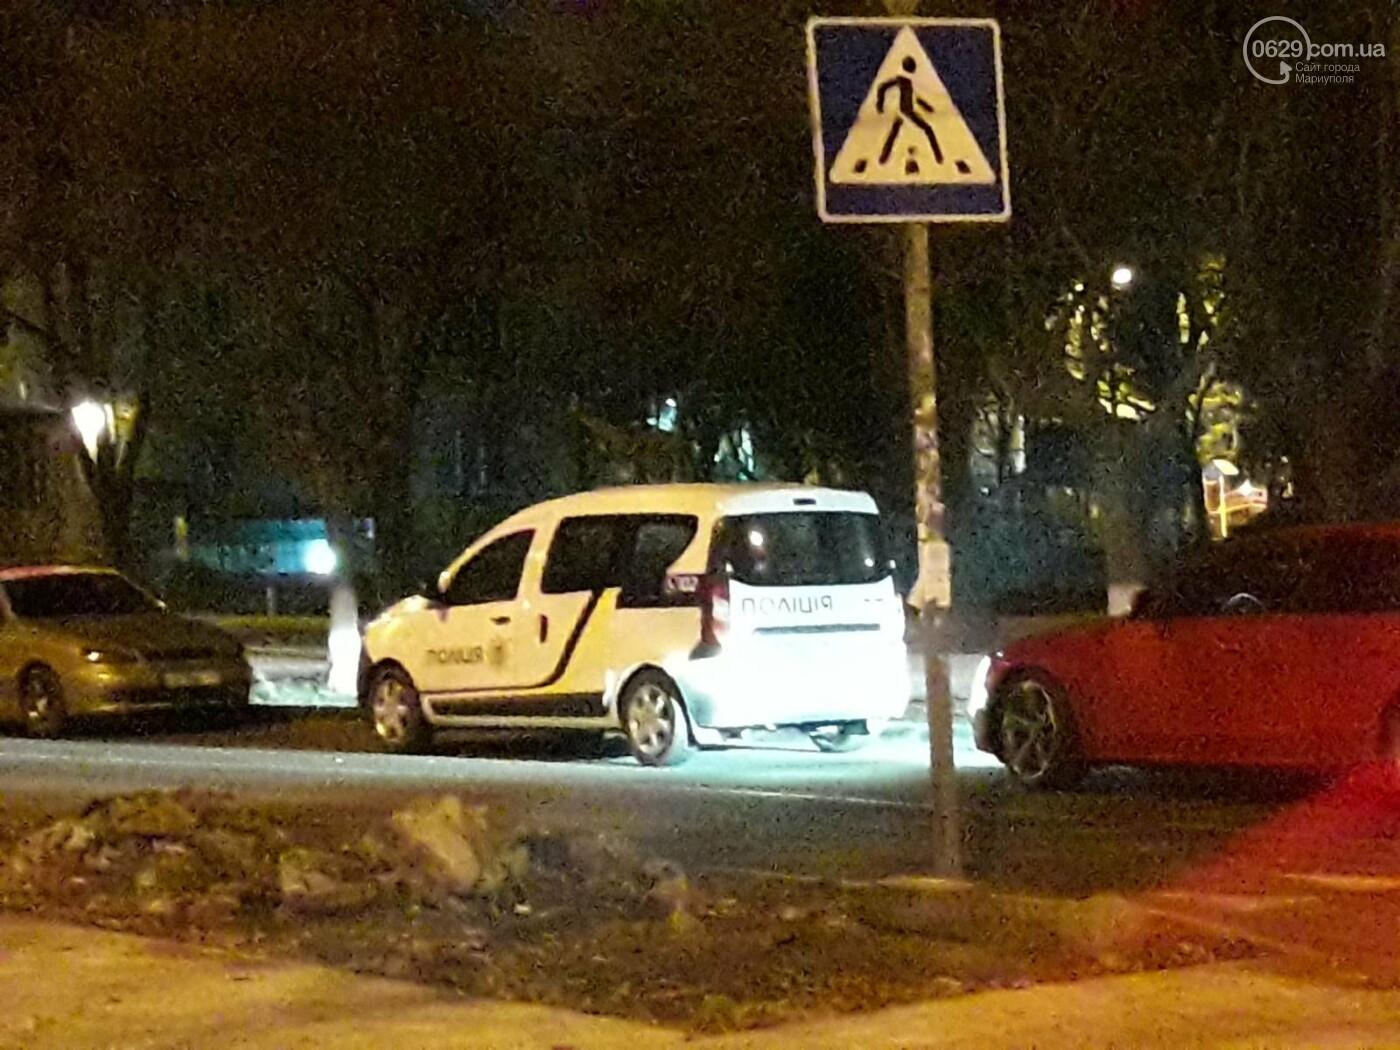 """В Мариуполе столкнулись два """"Дэу"""". Пострадала 19-летняя девушка, - ФОТО, фото-6"""